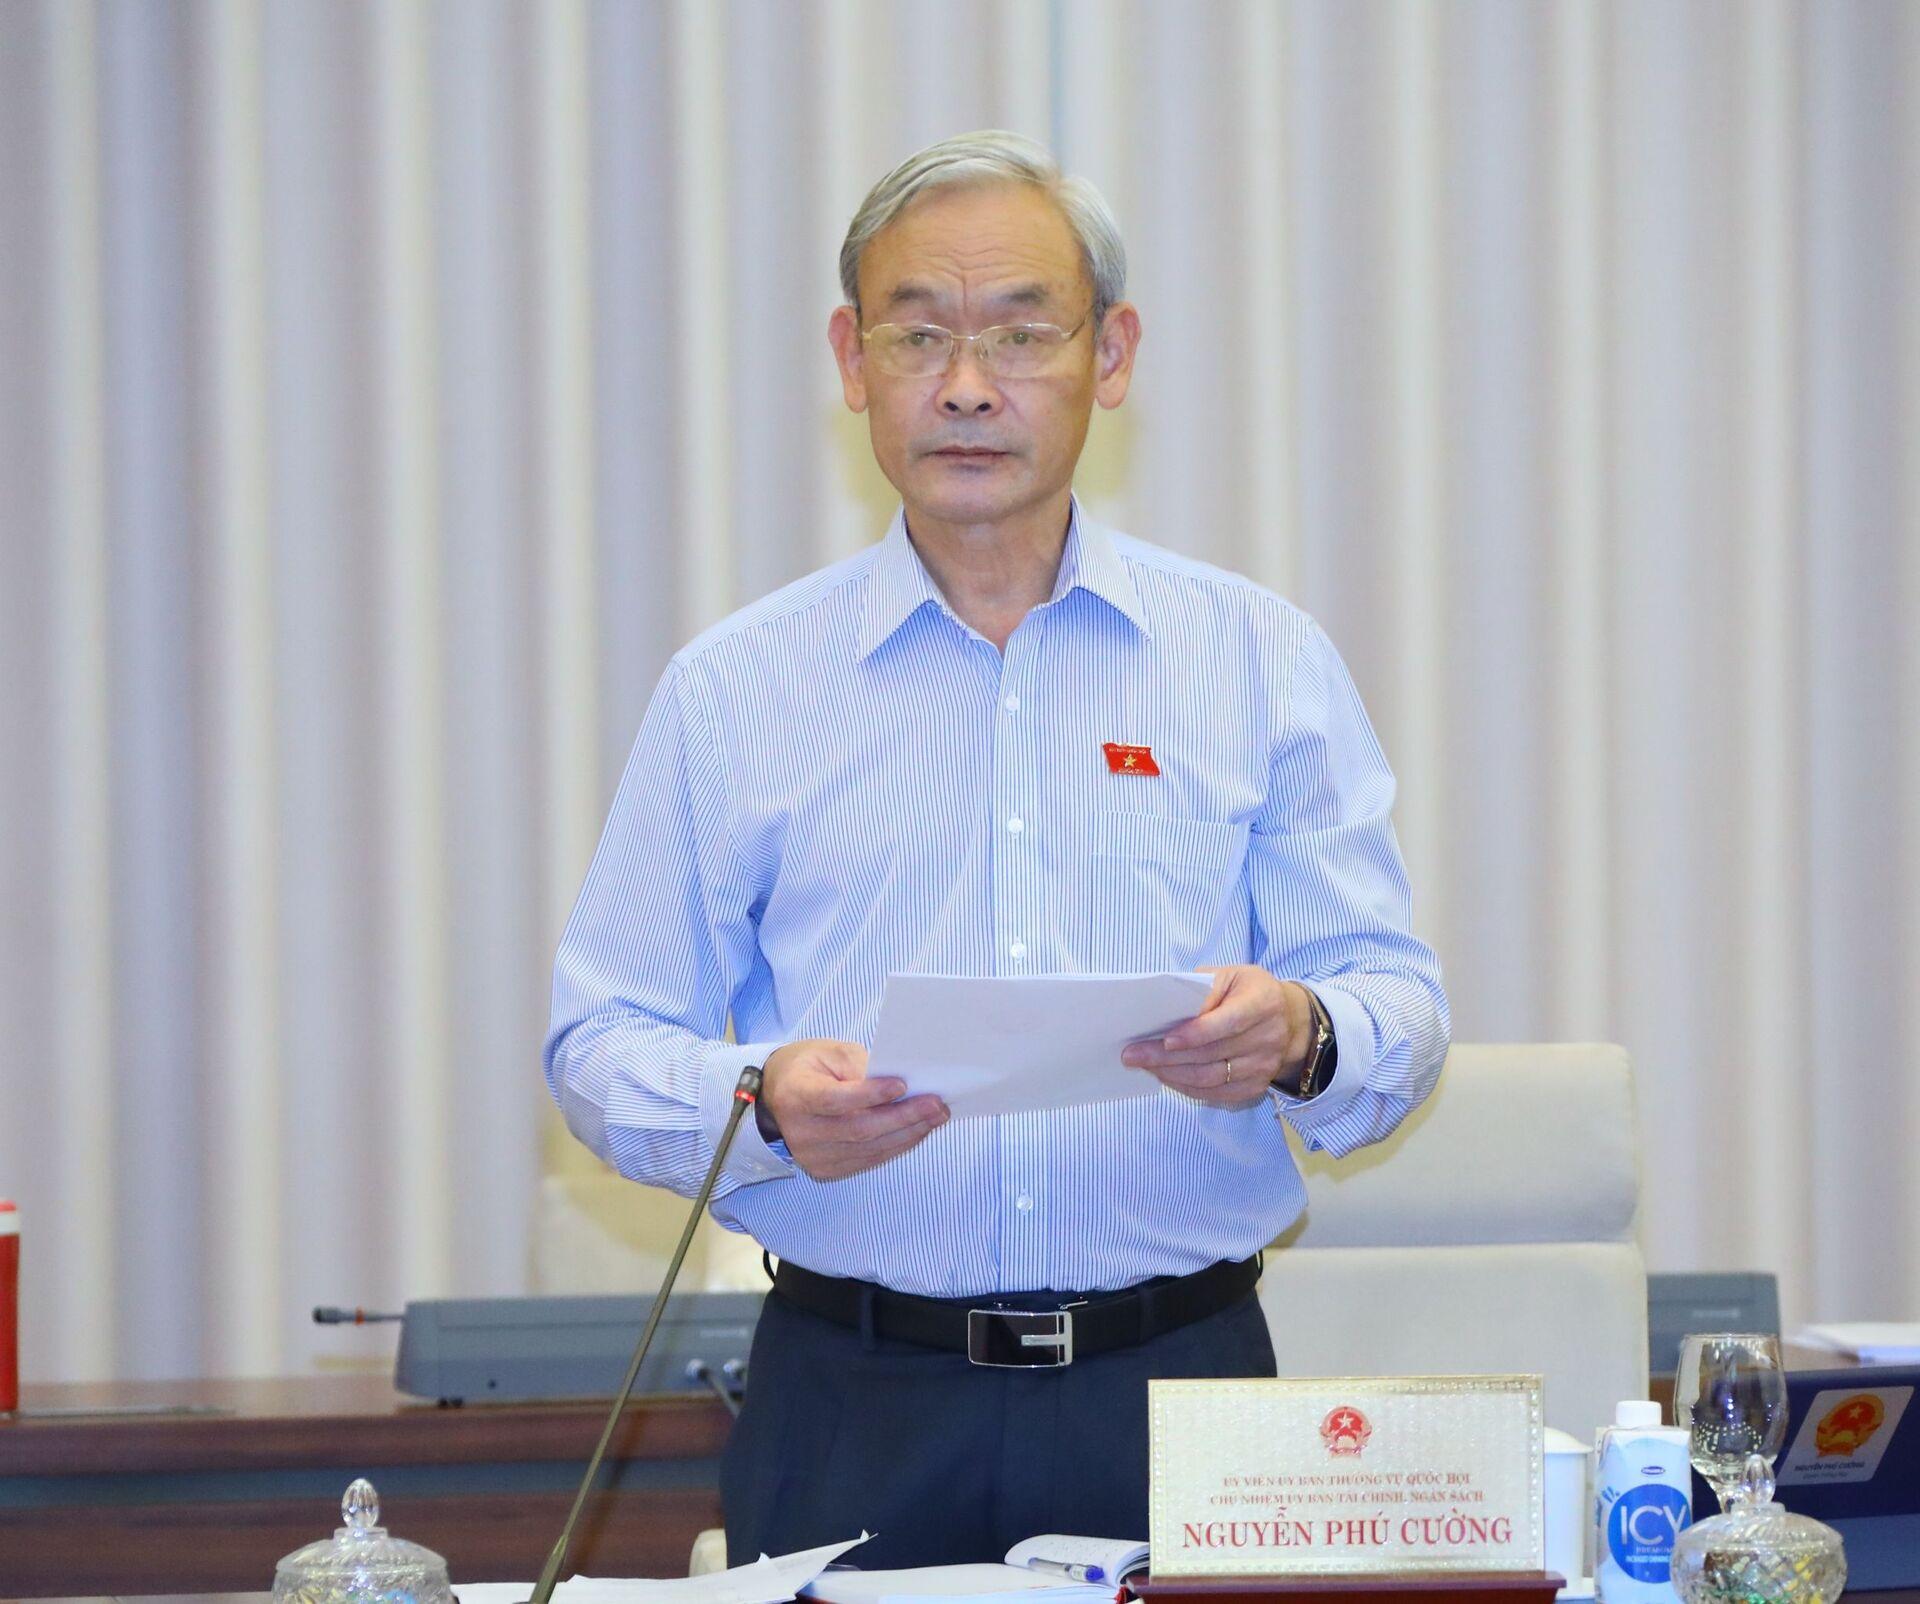 Chủ nhiệm Ủy ban Tài chính - Ngân sách của Quốc hội Nguyễn Phú Cường trình bày báo cáo thẩm tra - Sputnik Việt Nam, 1920, 05.10.2021